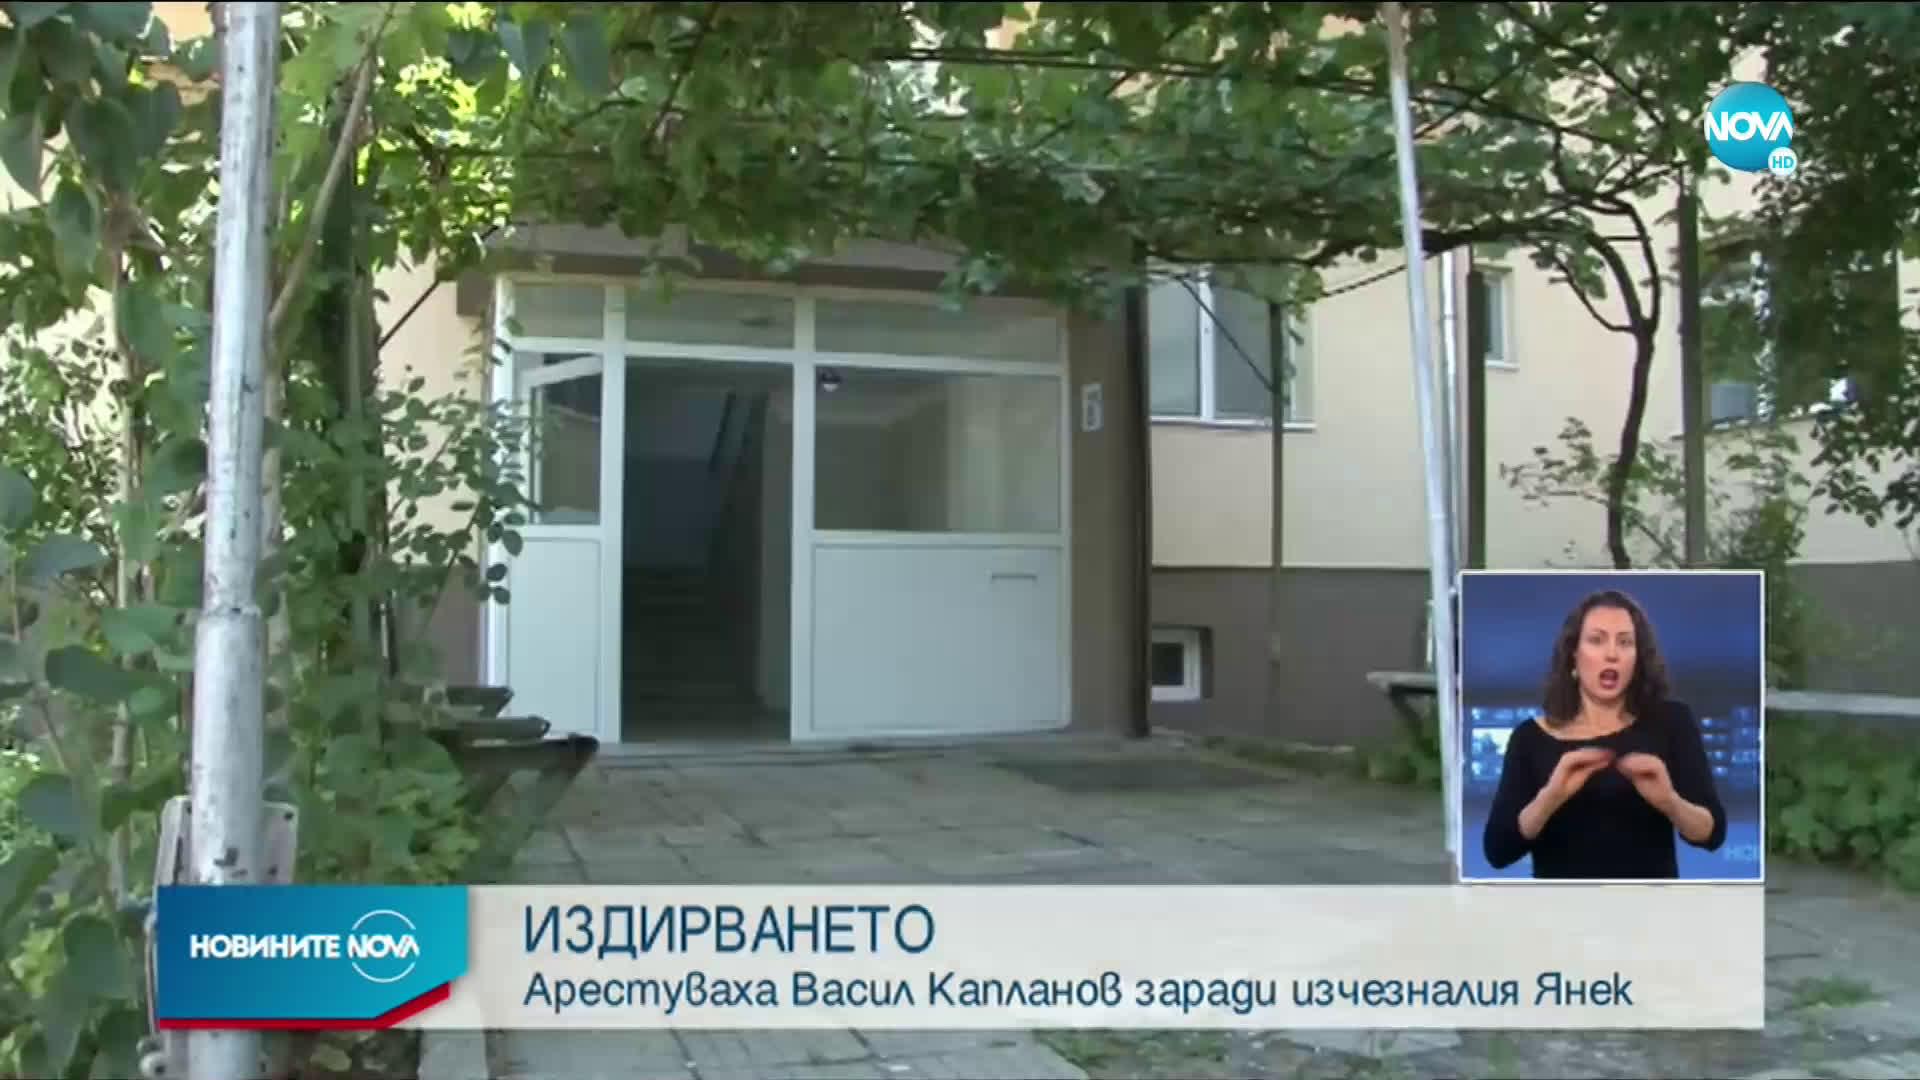 Задържаха бивш гард на Галеви за изчезването на Янек от Дупница